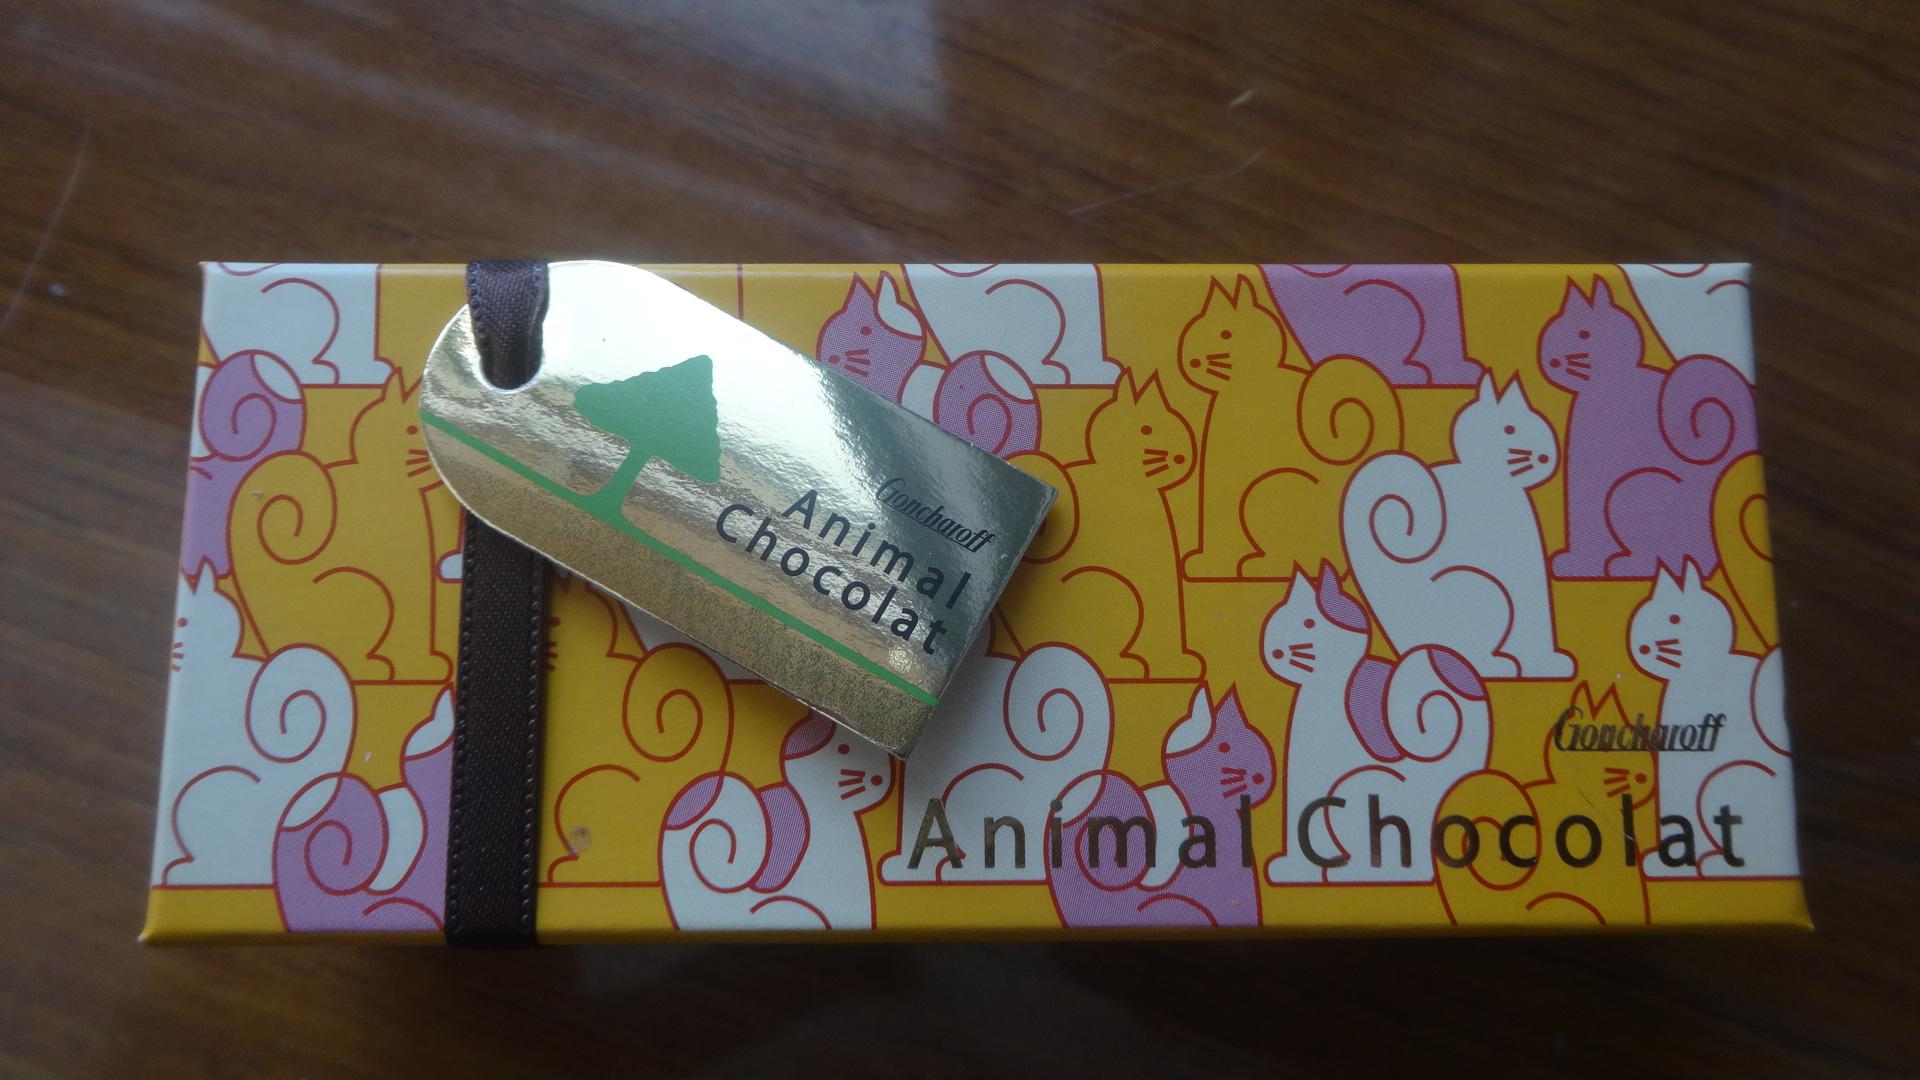 Animal Chocolatと書かれたパッケージ